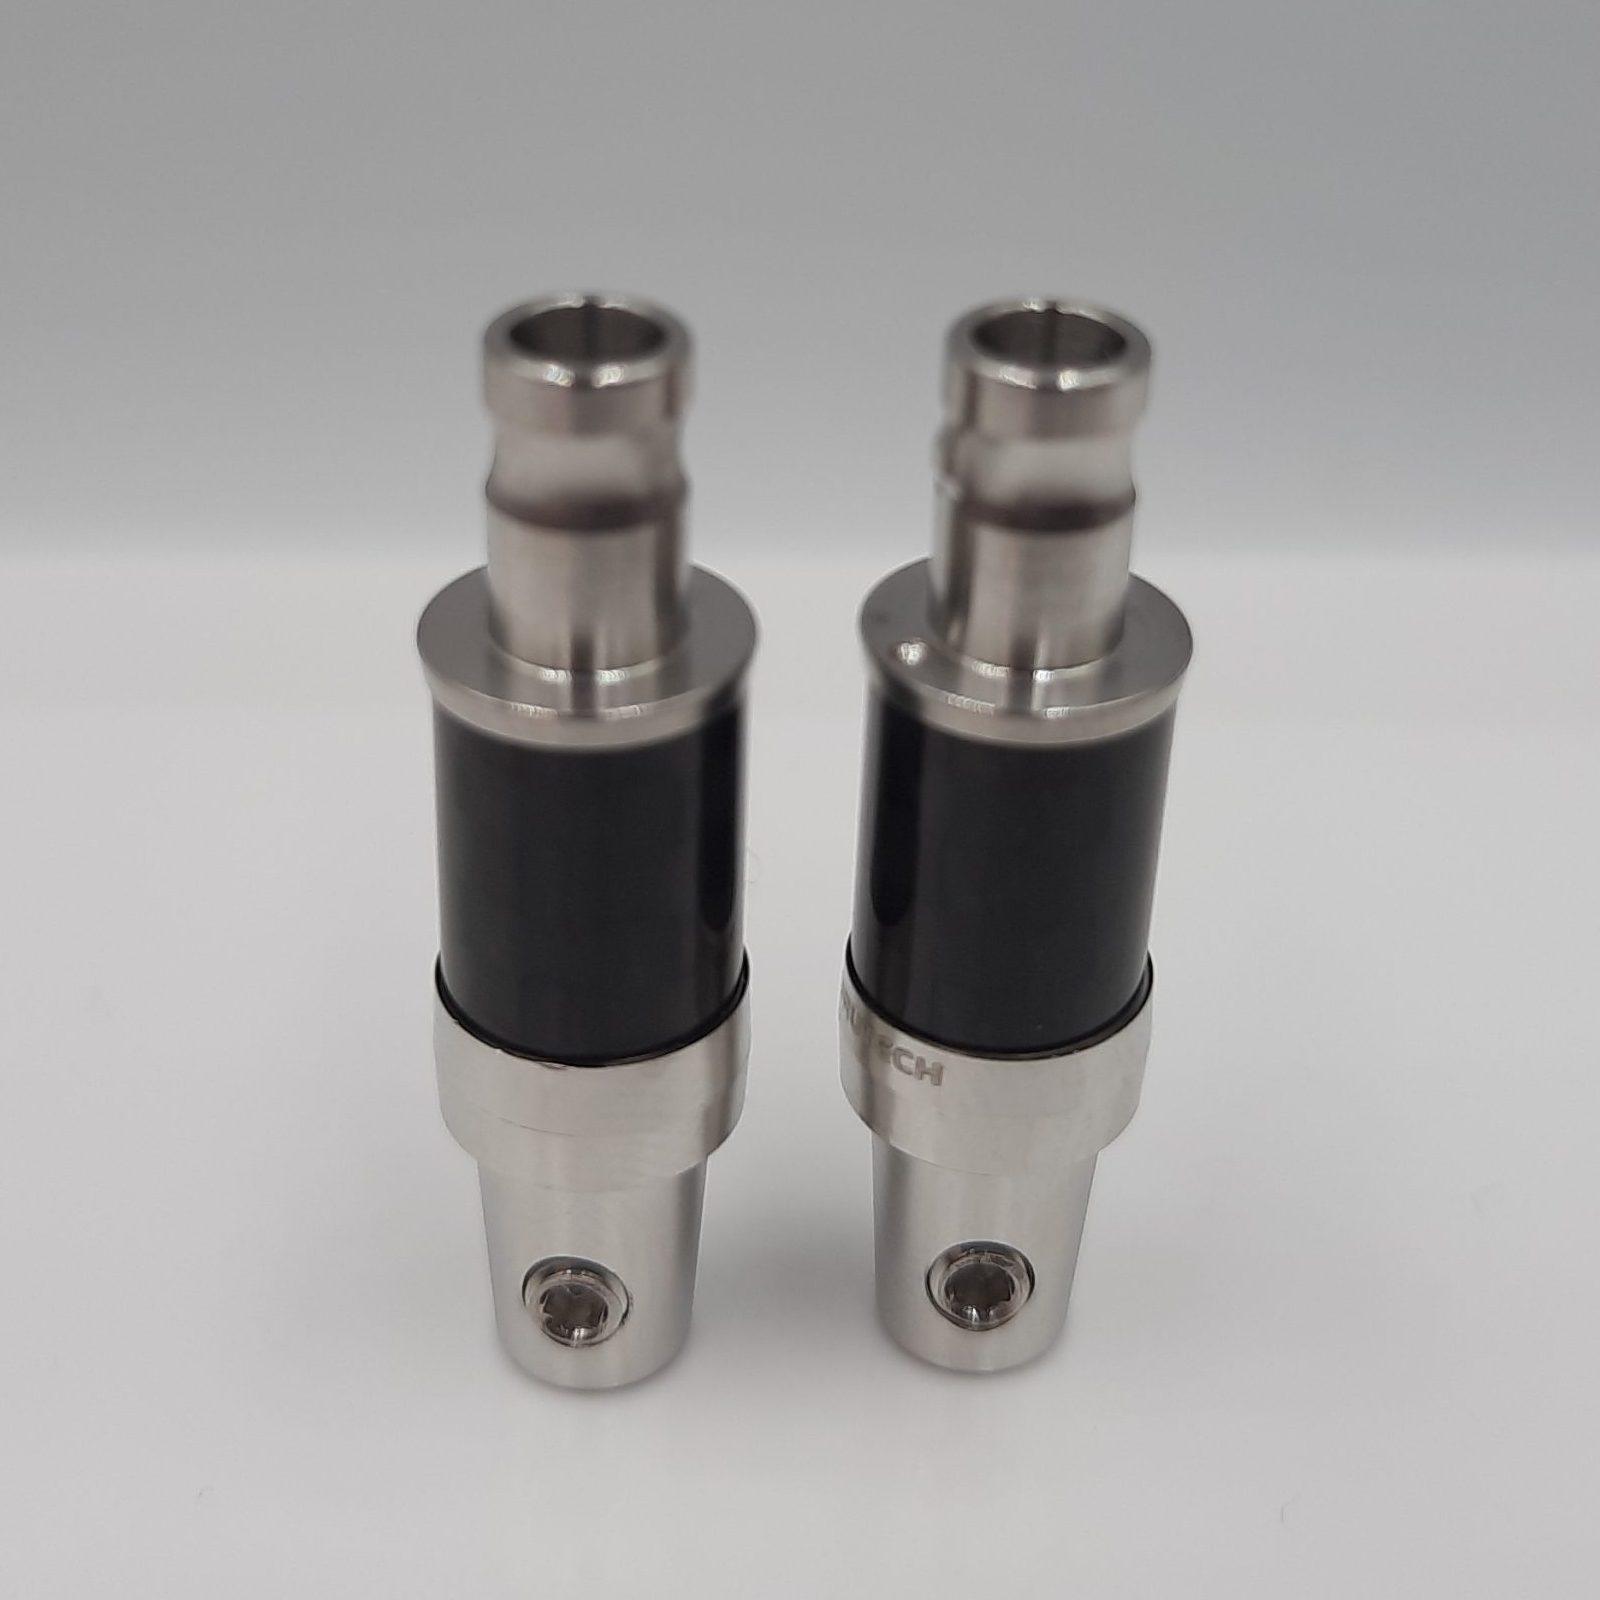 Fostex 2-Pin Stecker (Paar)